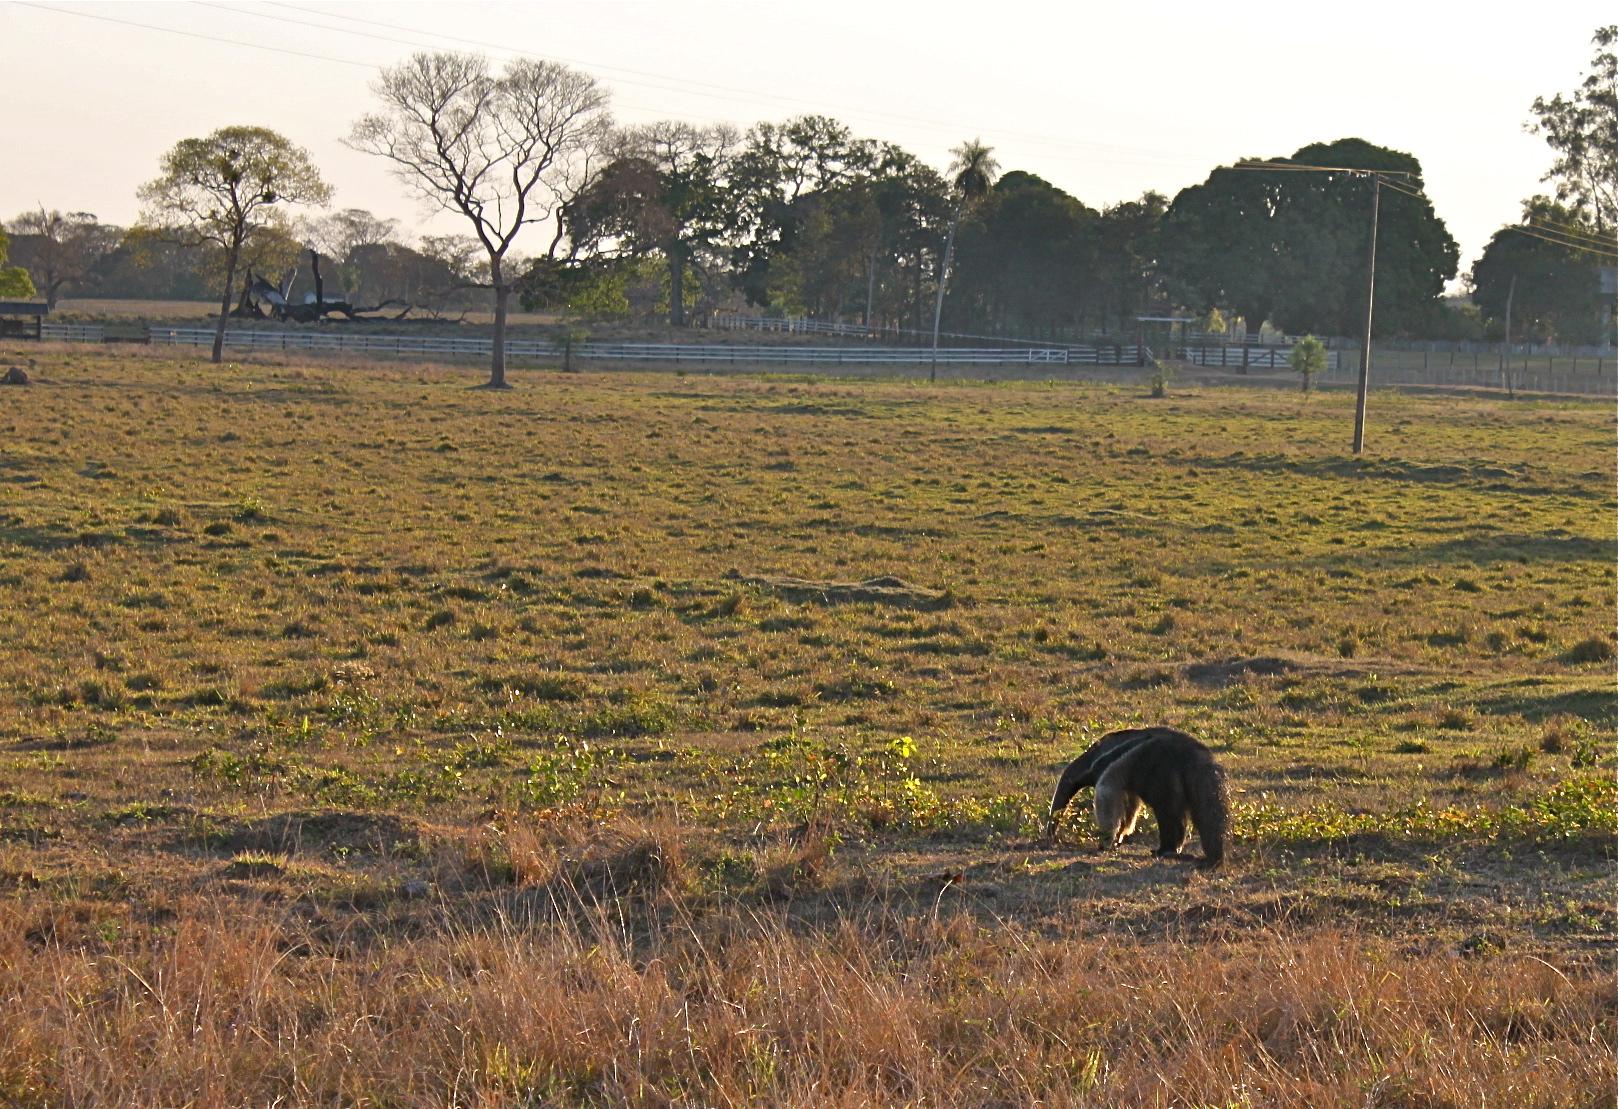 Giant anteater pantanal brazil